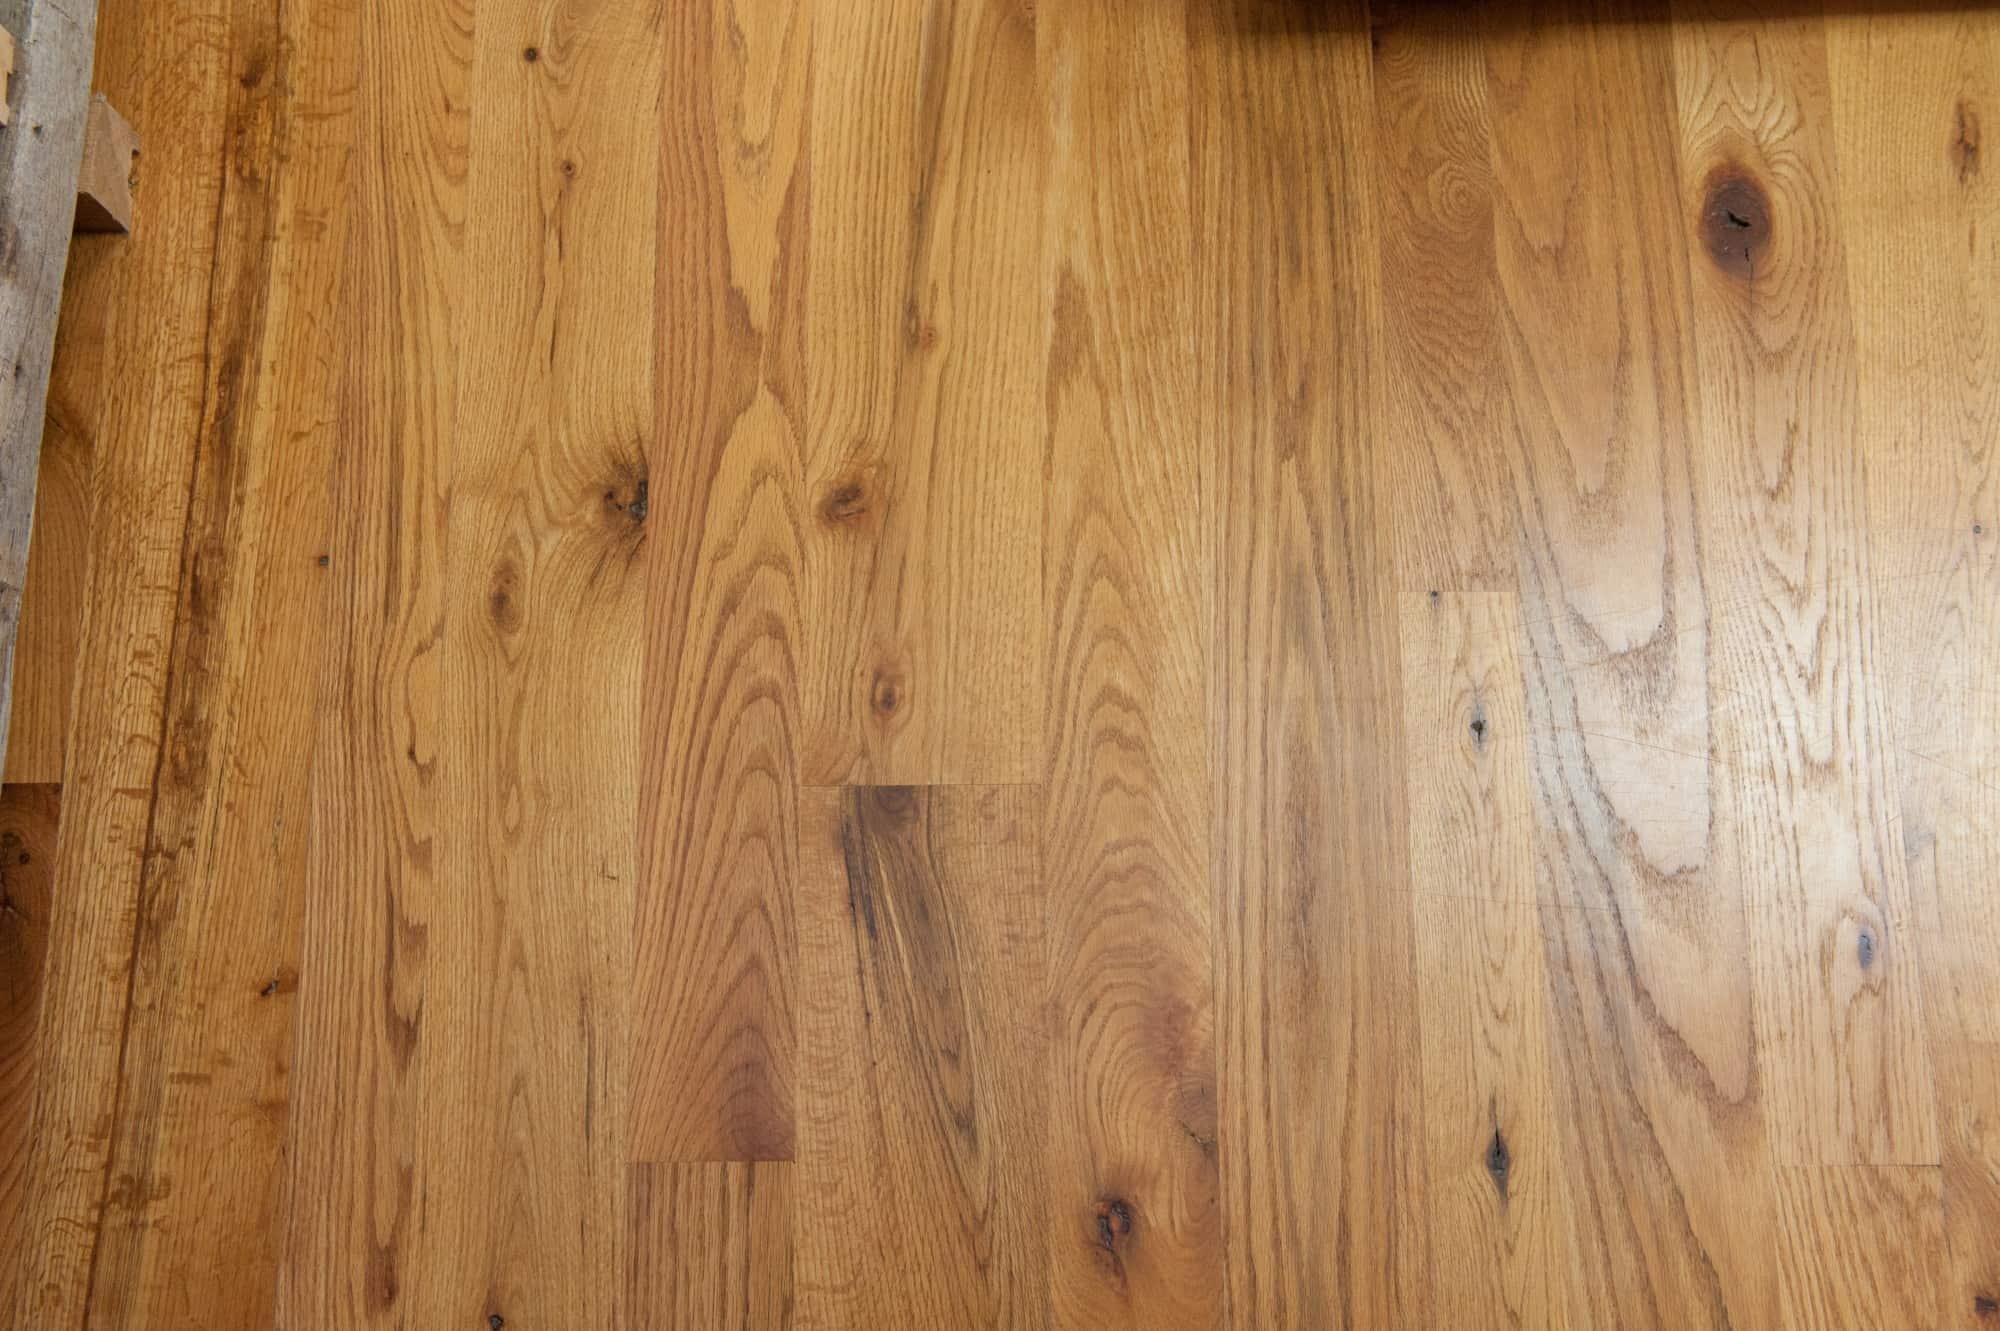 Rustic White Oak Vintage Lumber Vintage Lumber